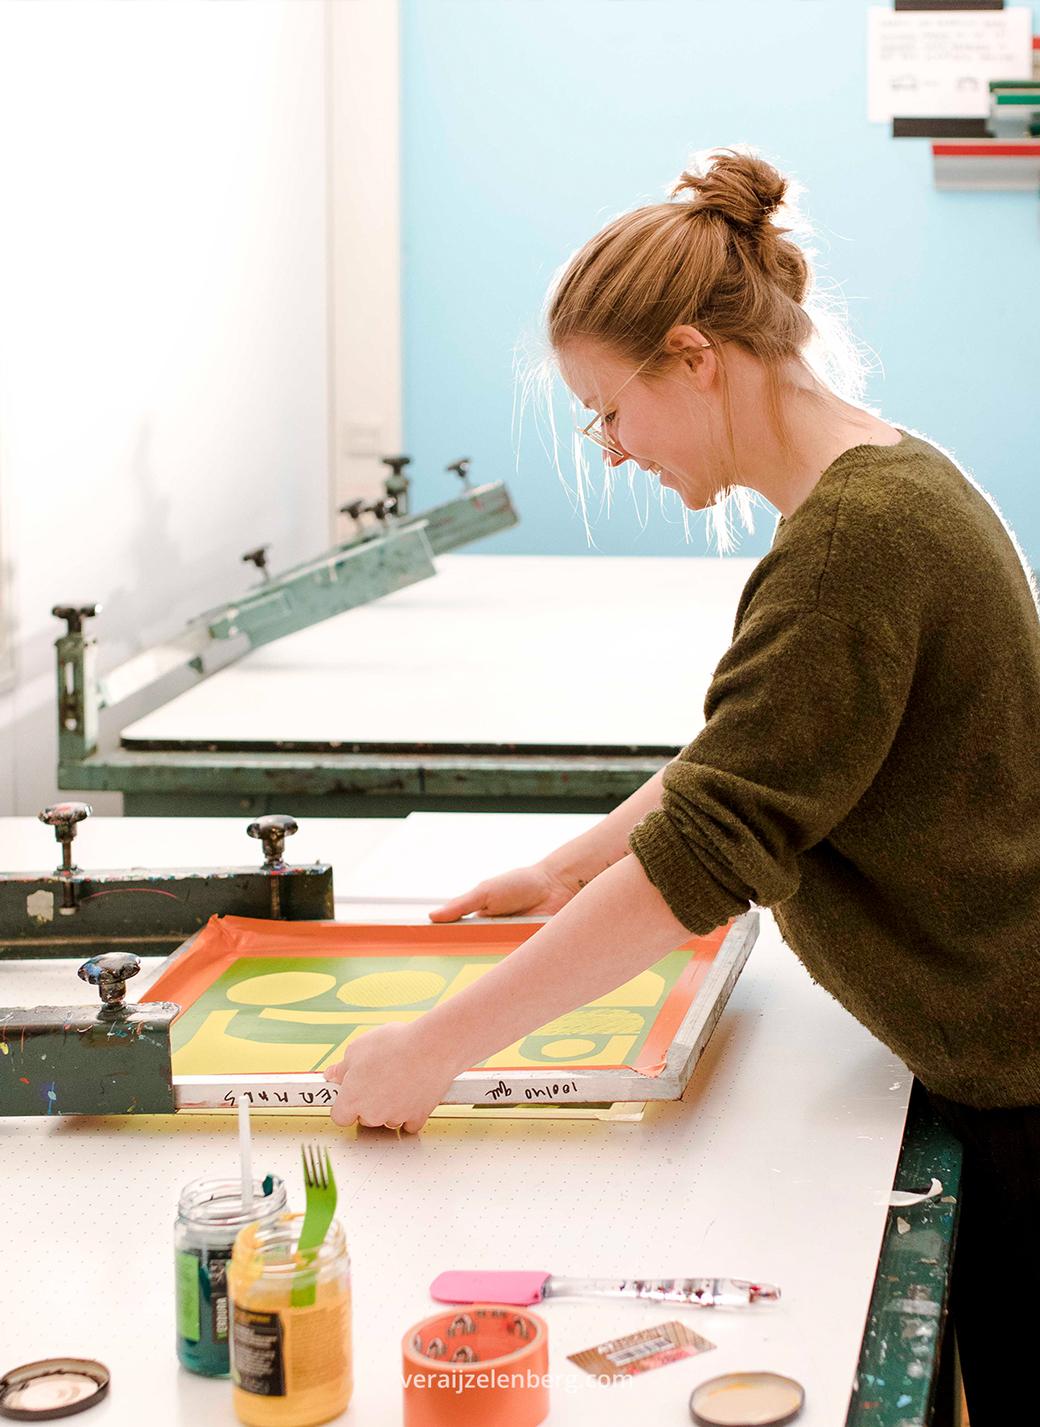 Zeefdruk zeef van Studio Carlijn Timmermans gefotografeerd tijdens de personal branding fotoshoot